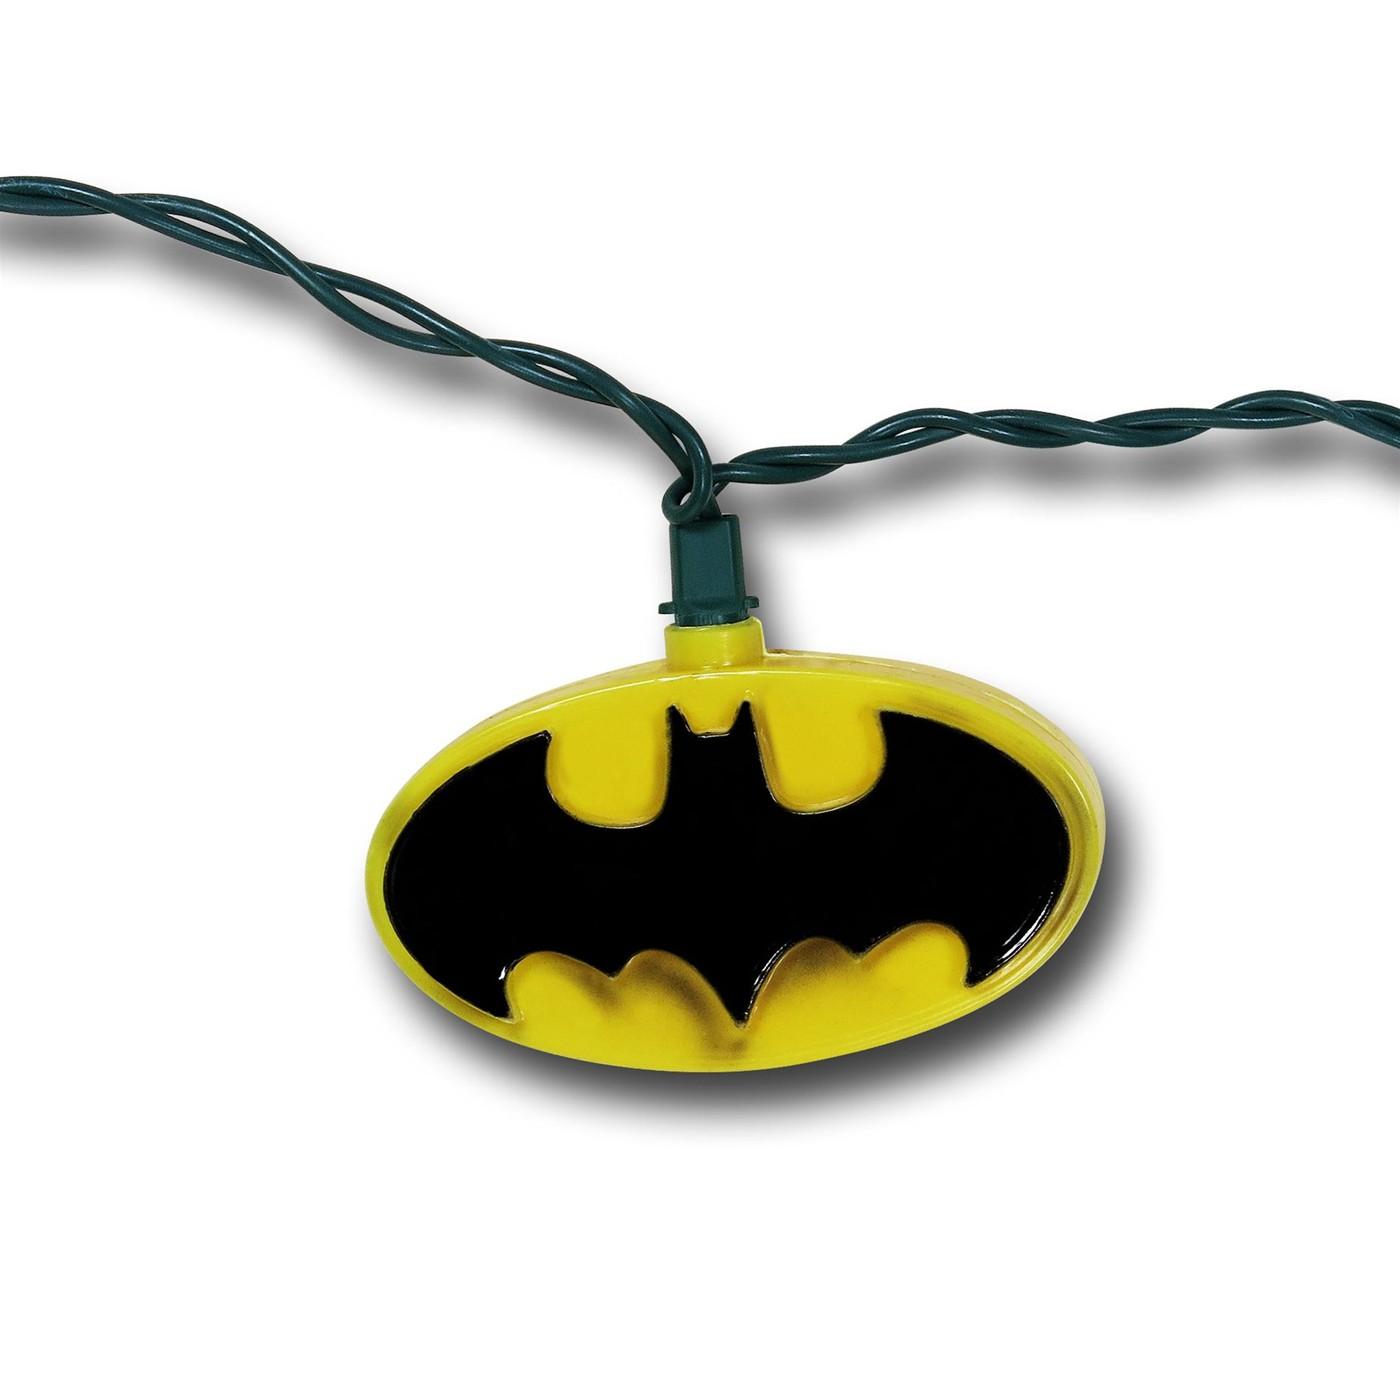 Batman Bat Symbol Light Set